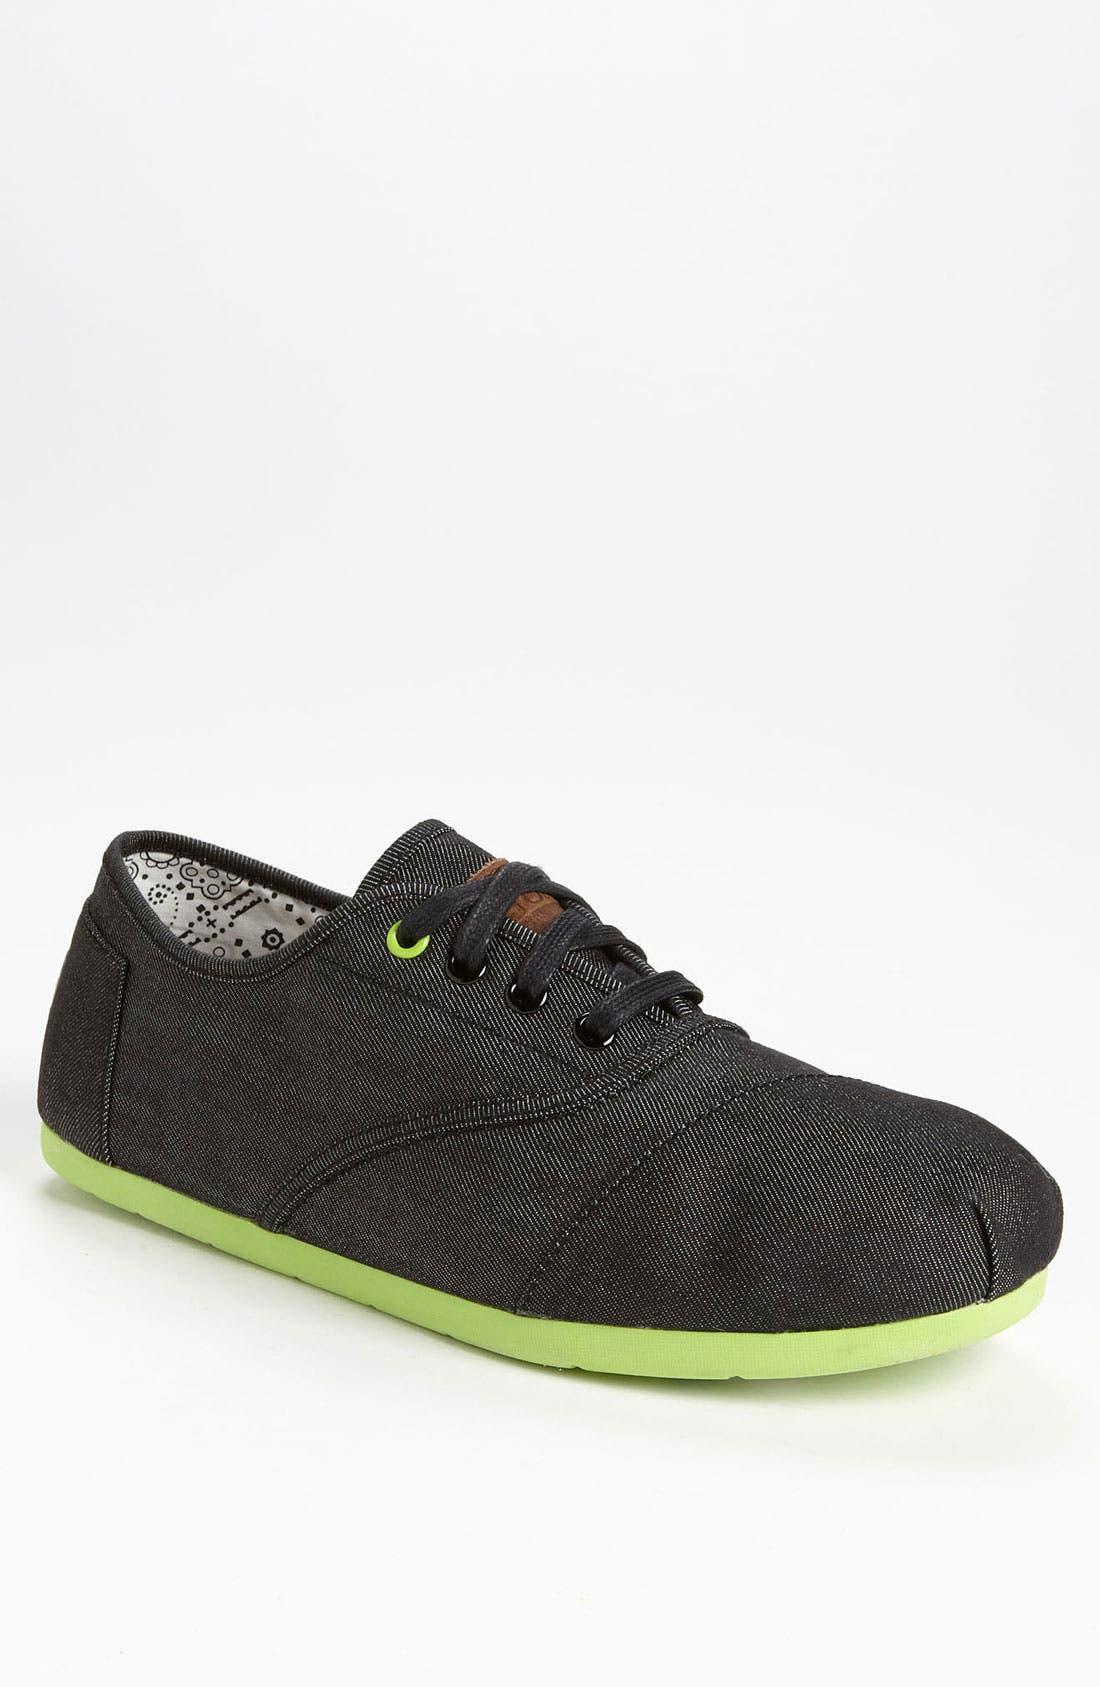 Alternate Image 1 Selected - TOMS 'Cordones' Denim Sneaker (Men)